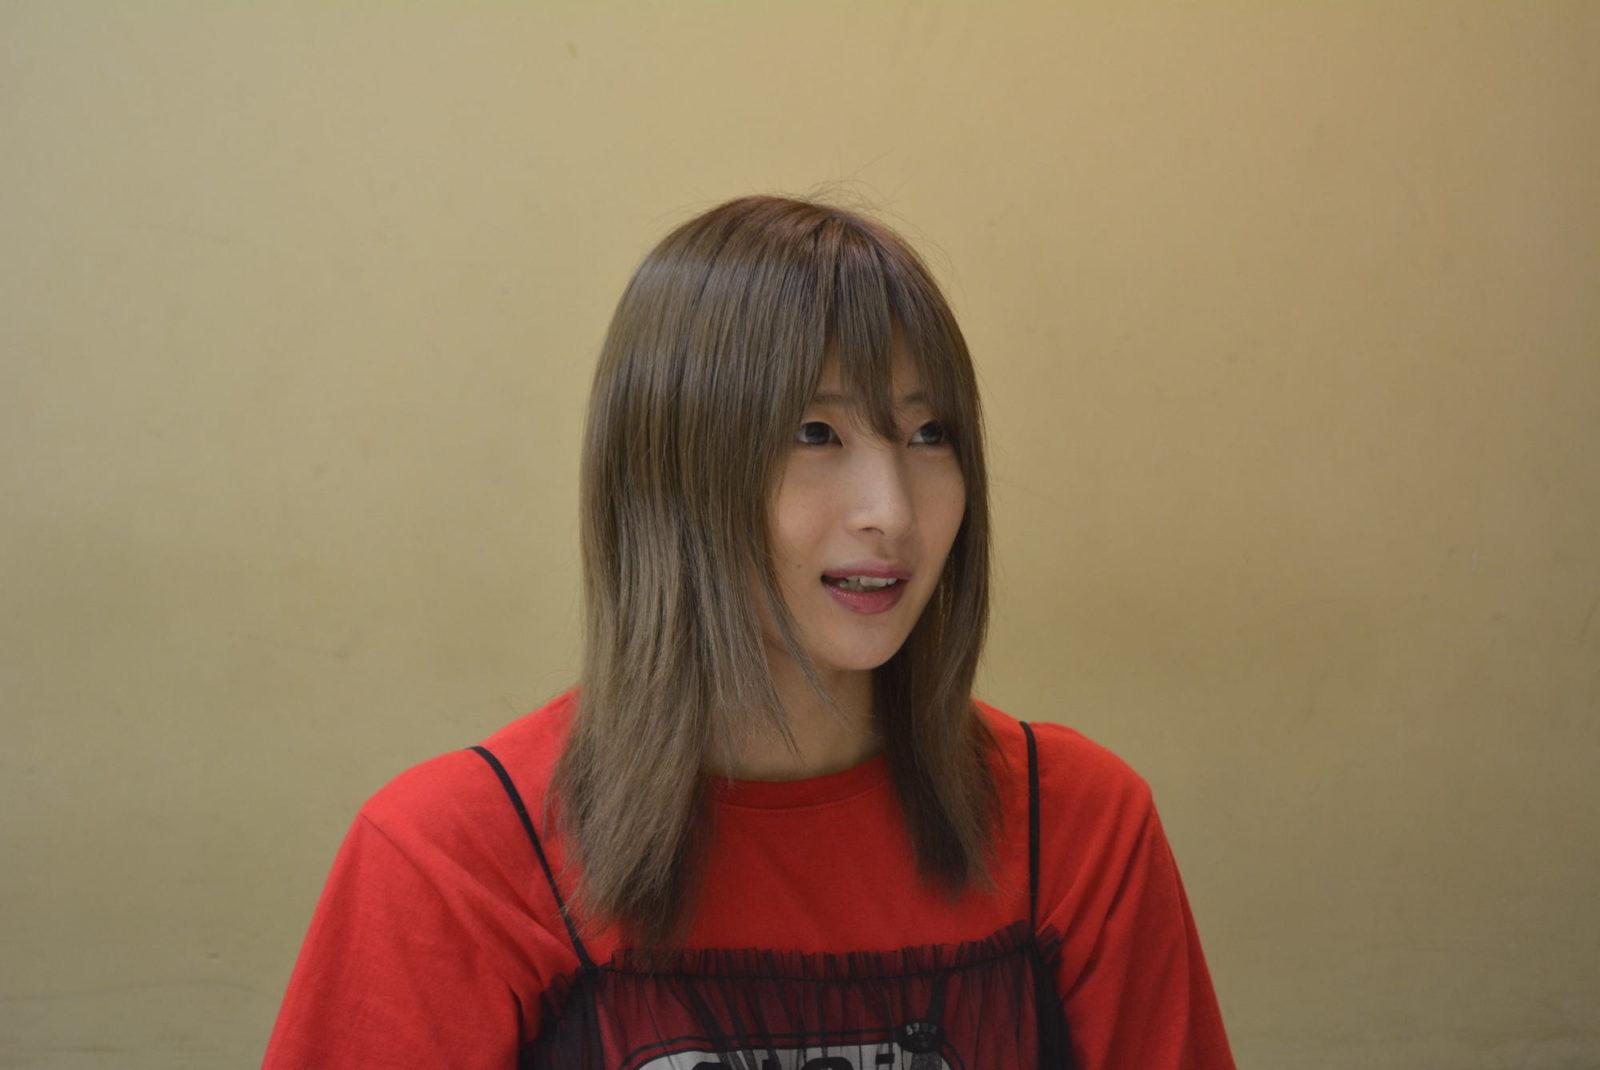 元NMB48岸野里香、卒業後の現在と自身率いるバンド・Over The Topについて語る。NMB48のメンバーは「すごく大事ですね。大好きです」【インタビュー】画像39526